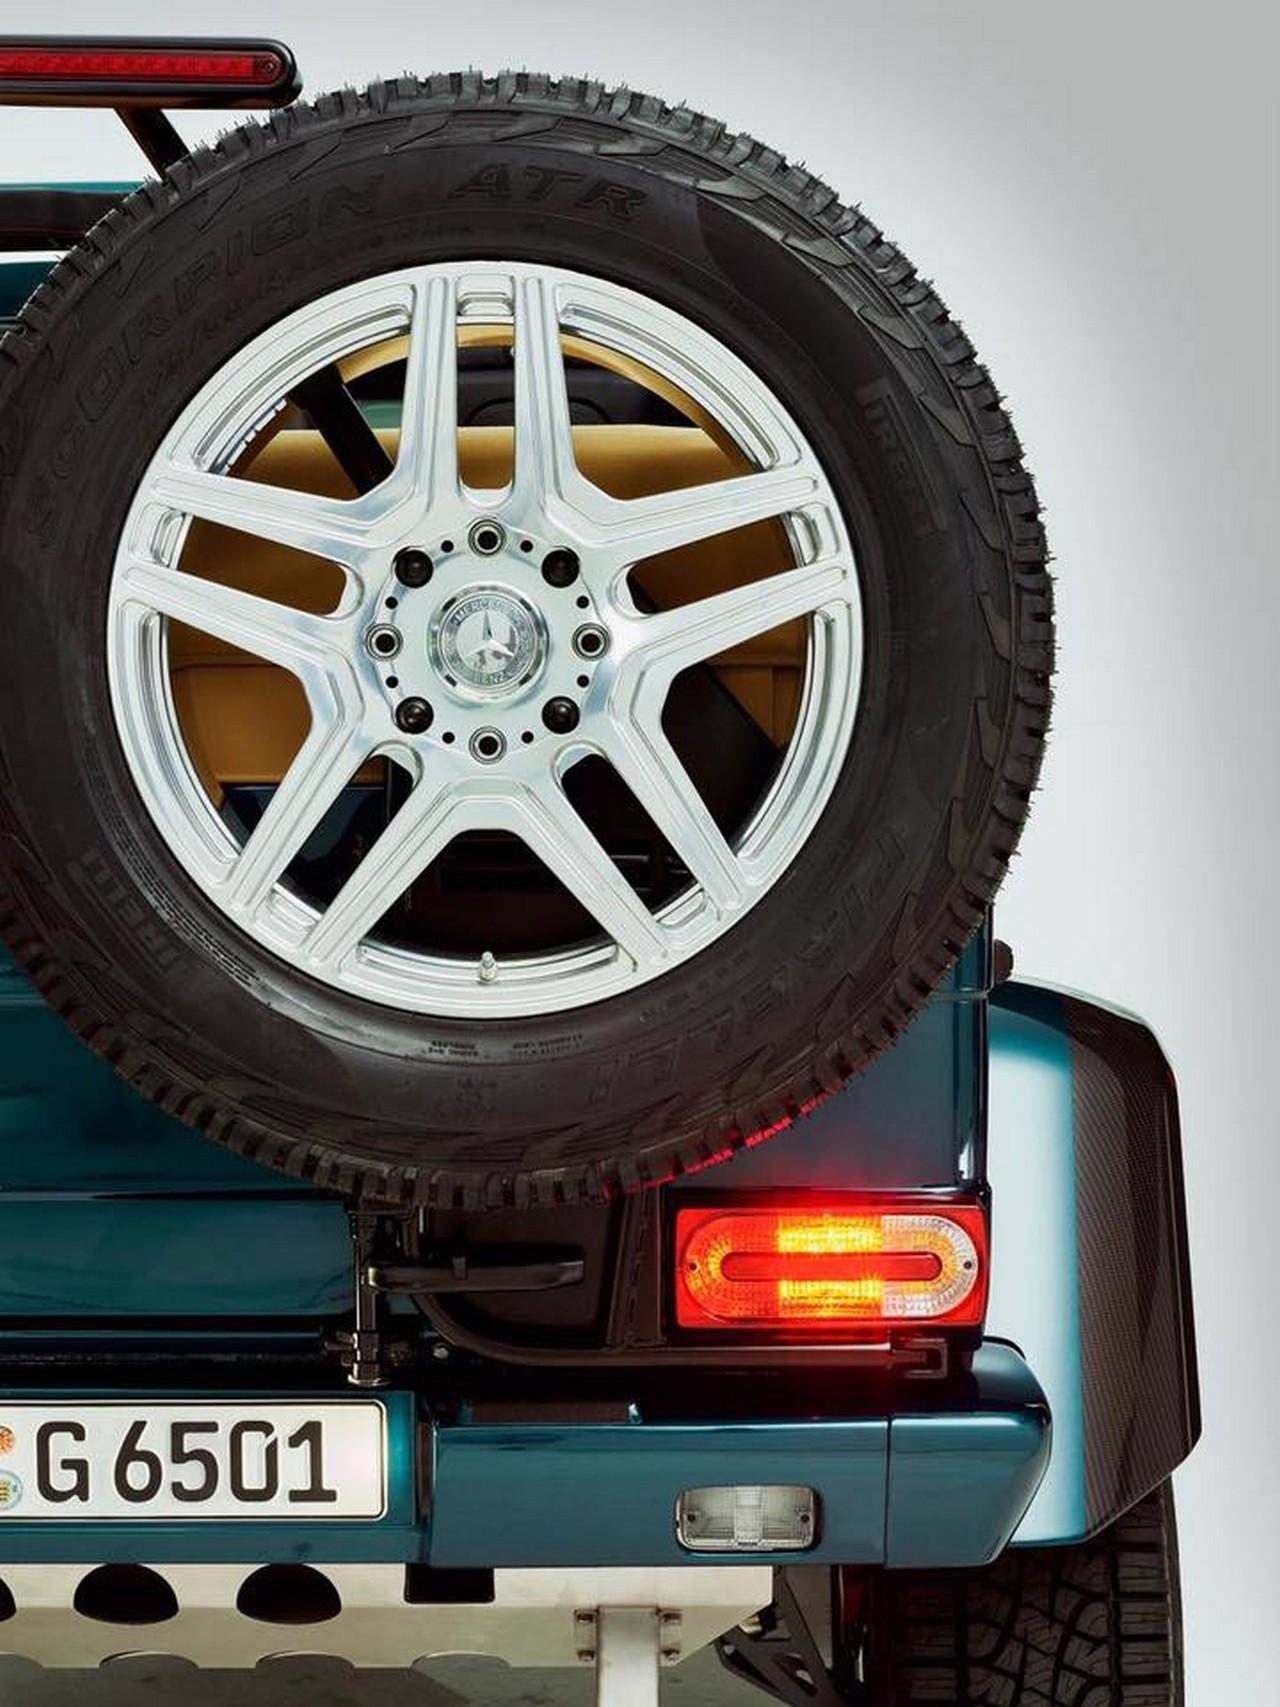 Mercedes-AMG G 65 4×4² Convertible teaser